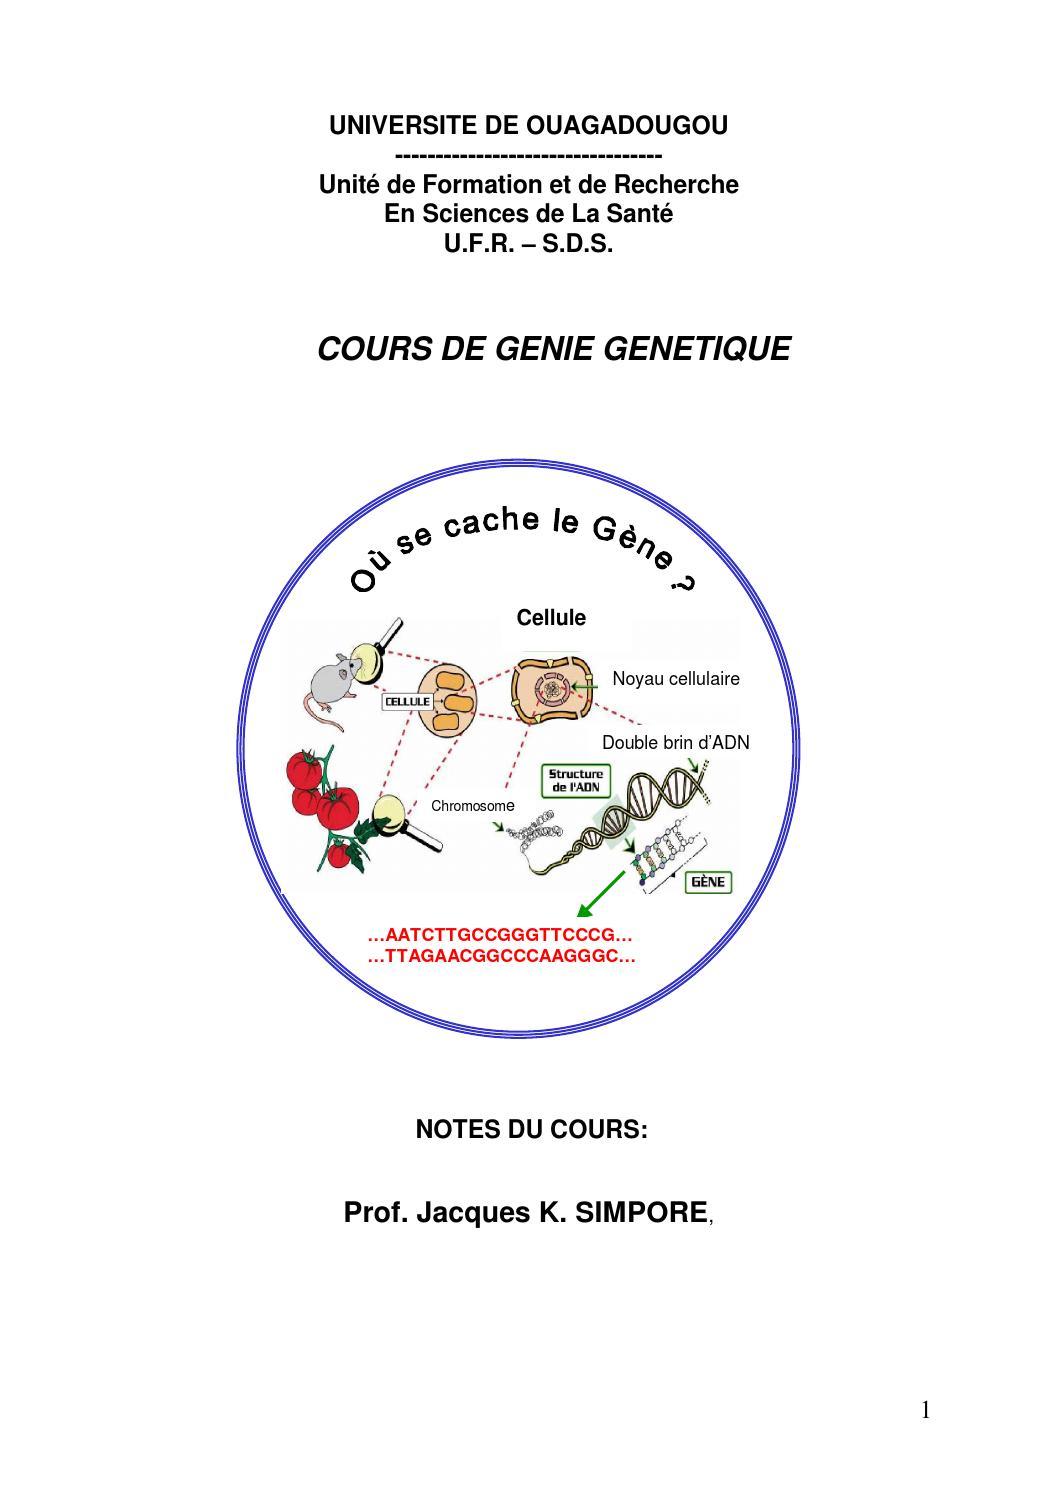 Rencontre seropositif montreal